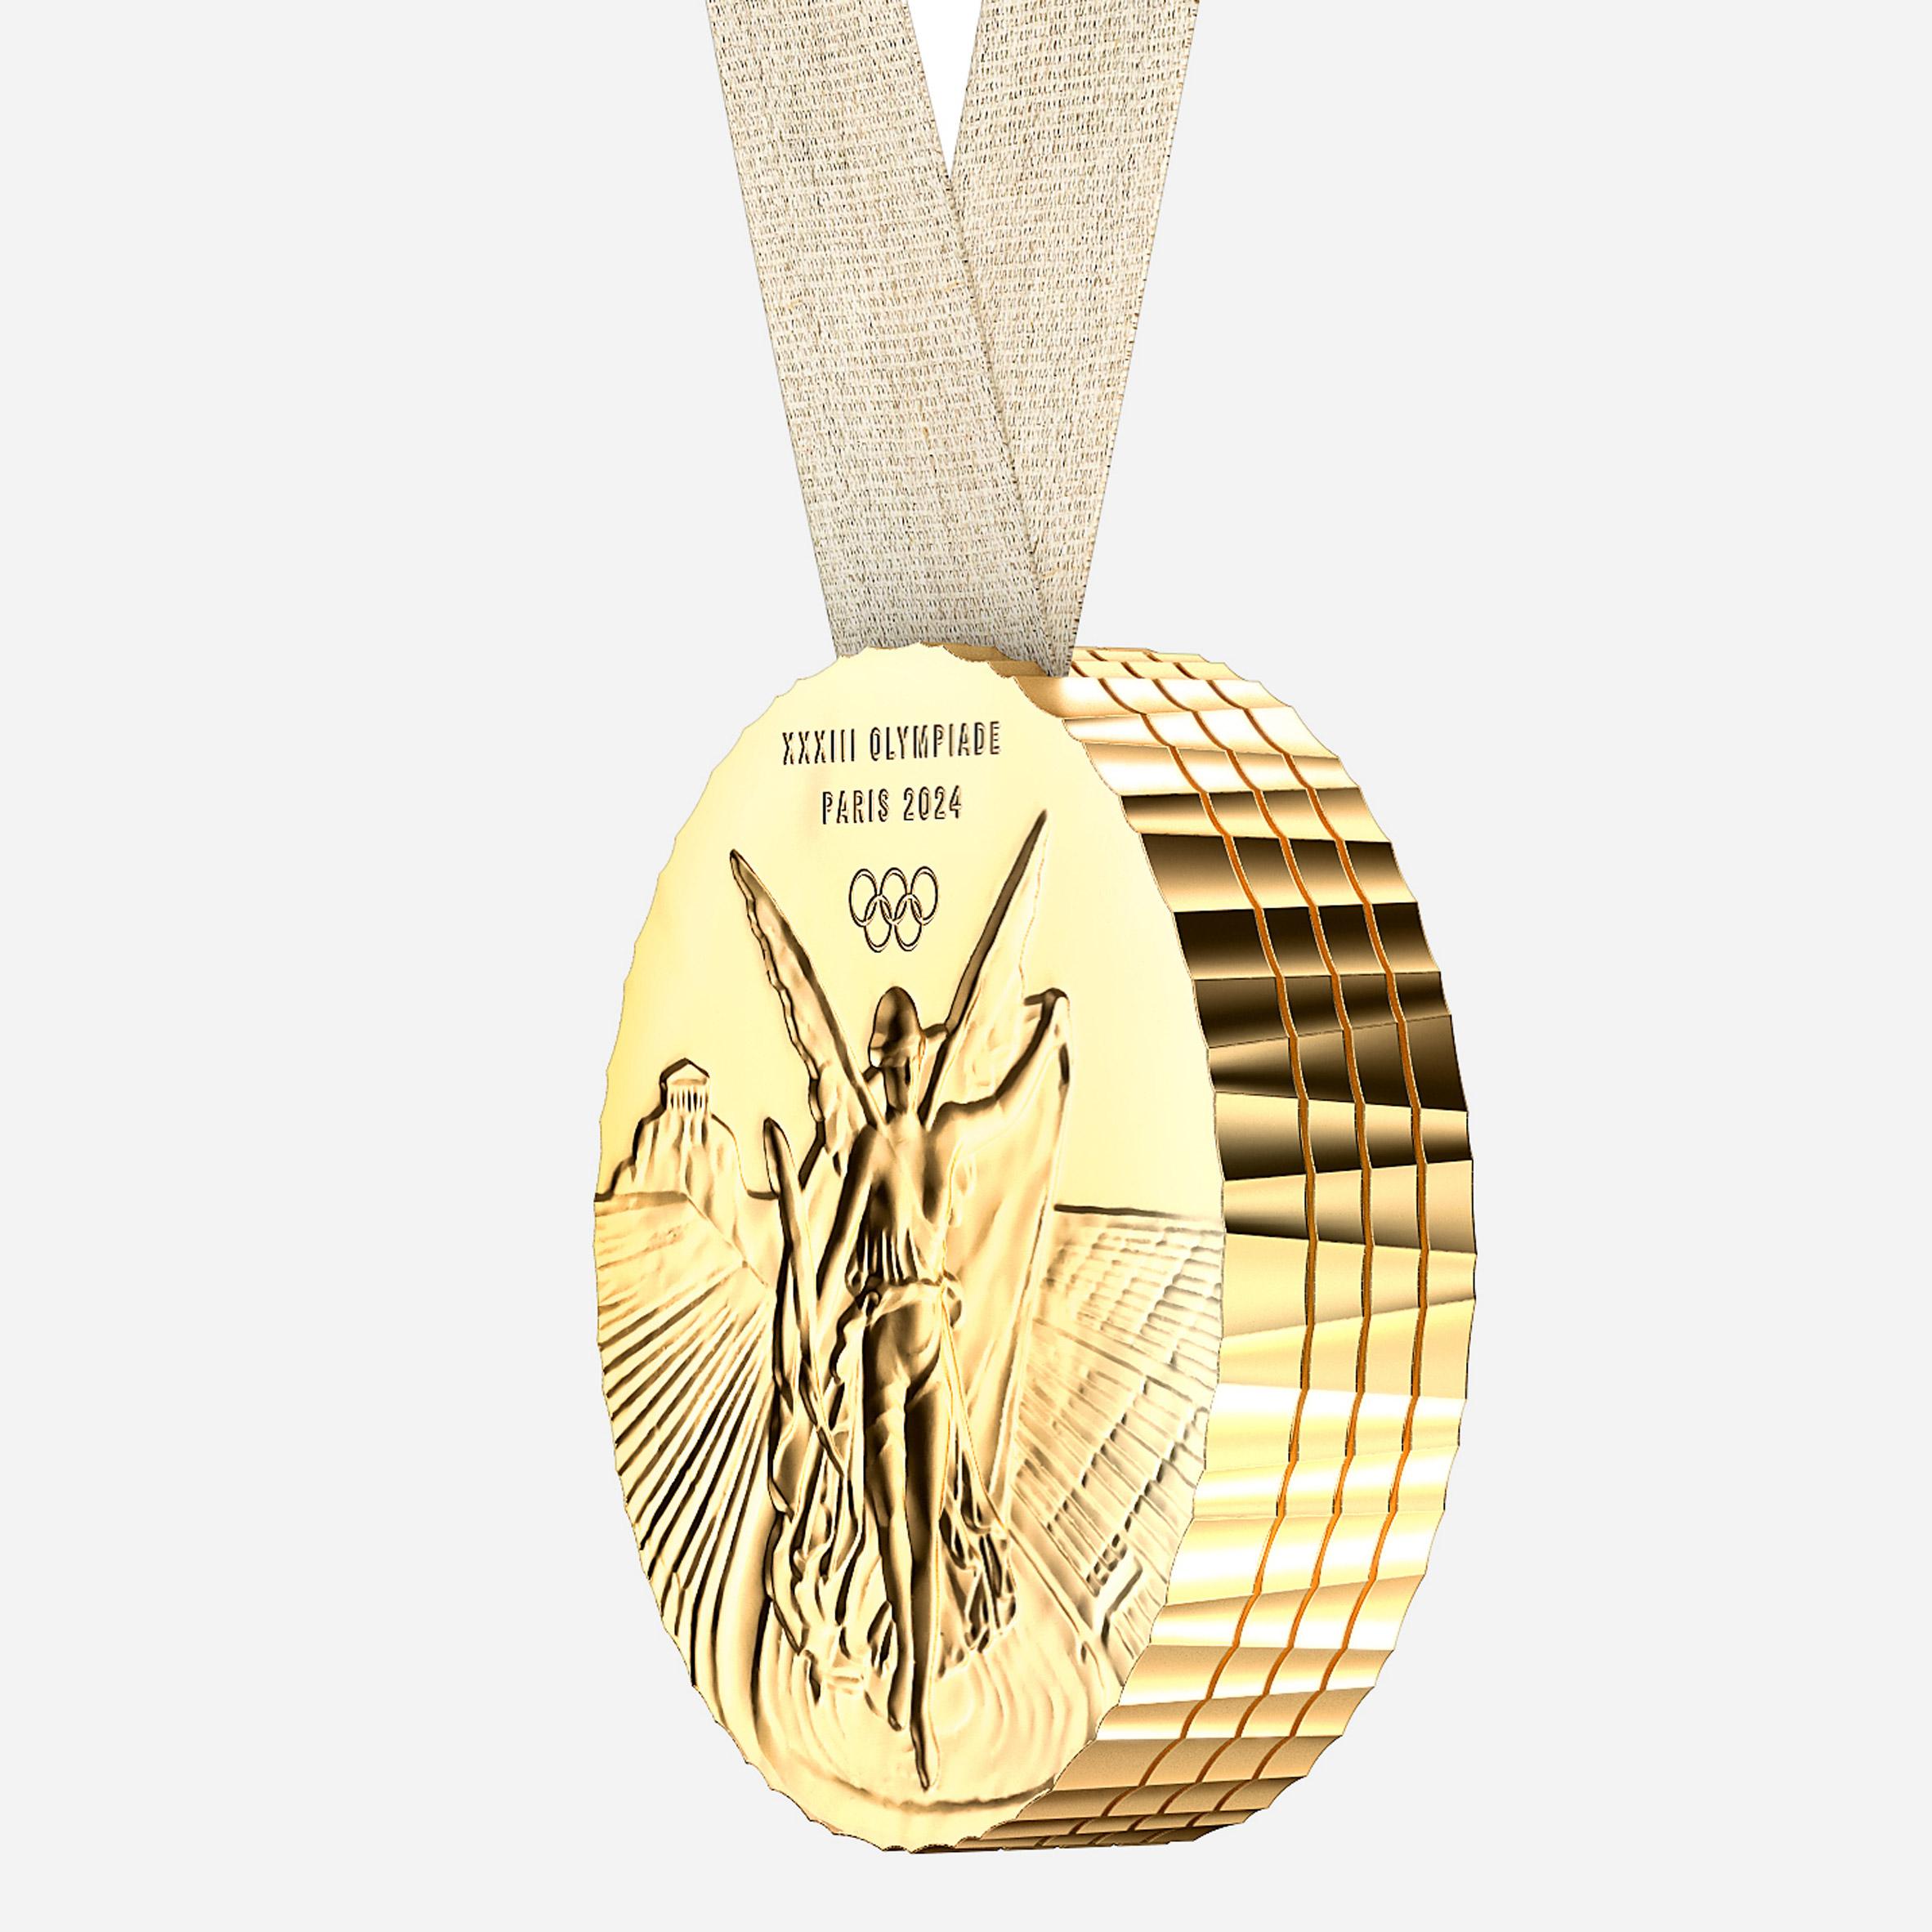 Philippe Starck_Medalhas olimpicas paris 2024